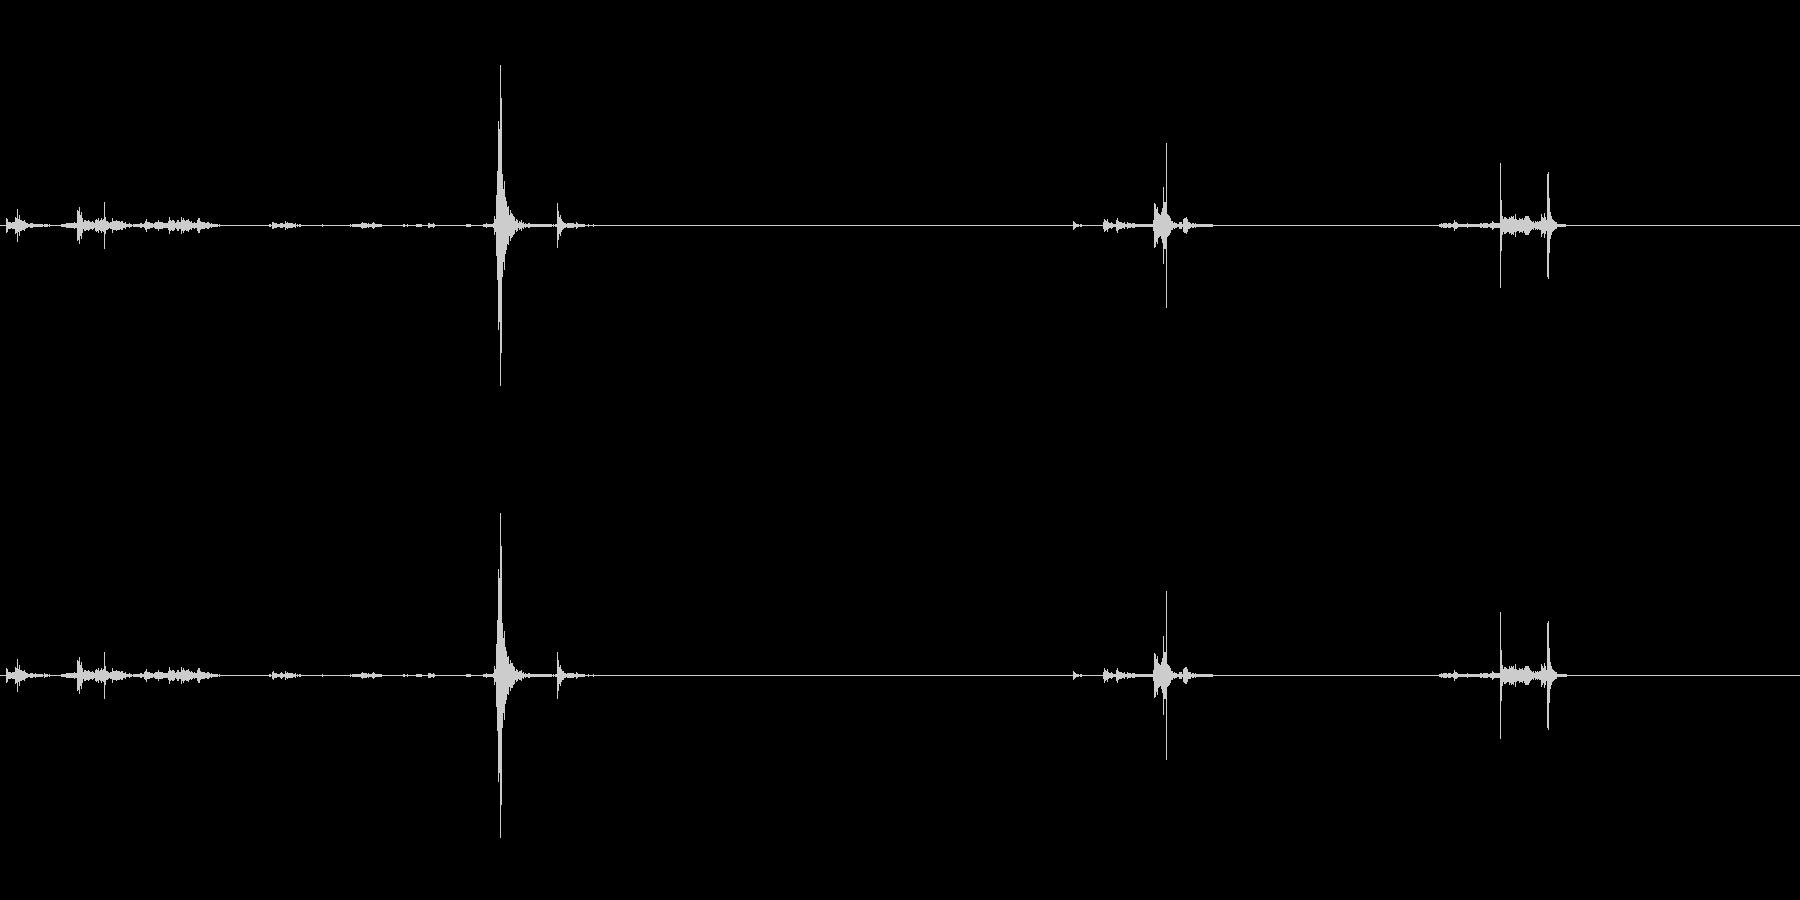 フロッピーディスクの挿入と抜去#2の未再生の波形